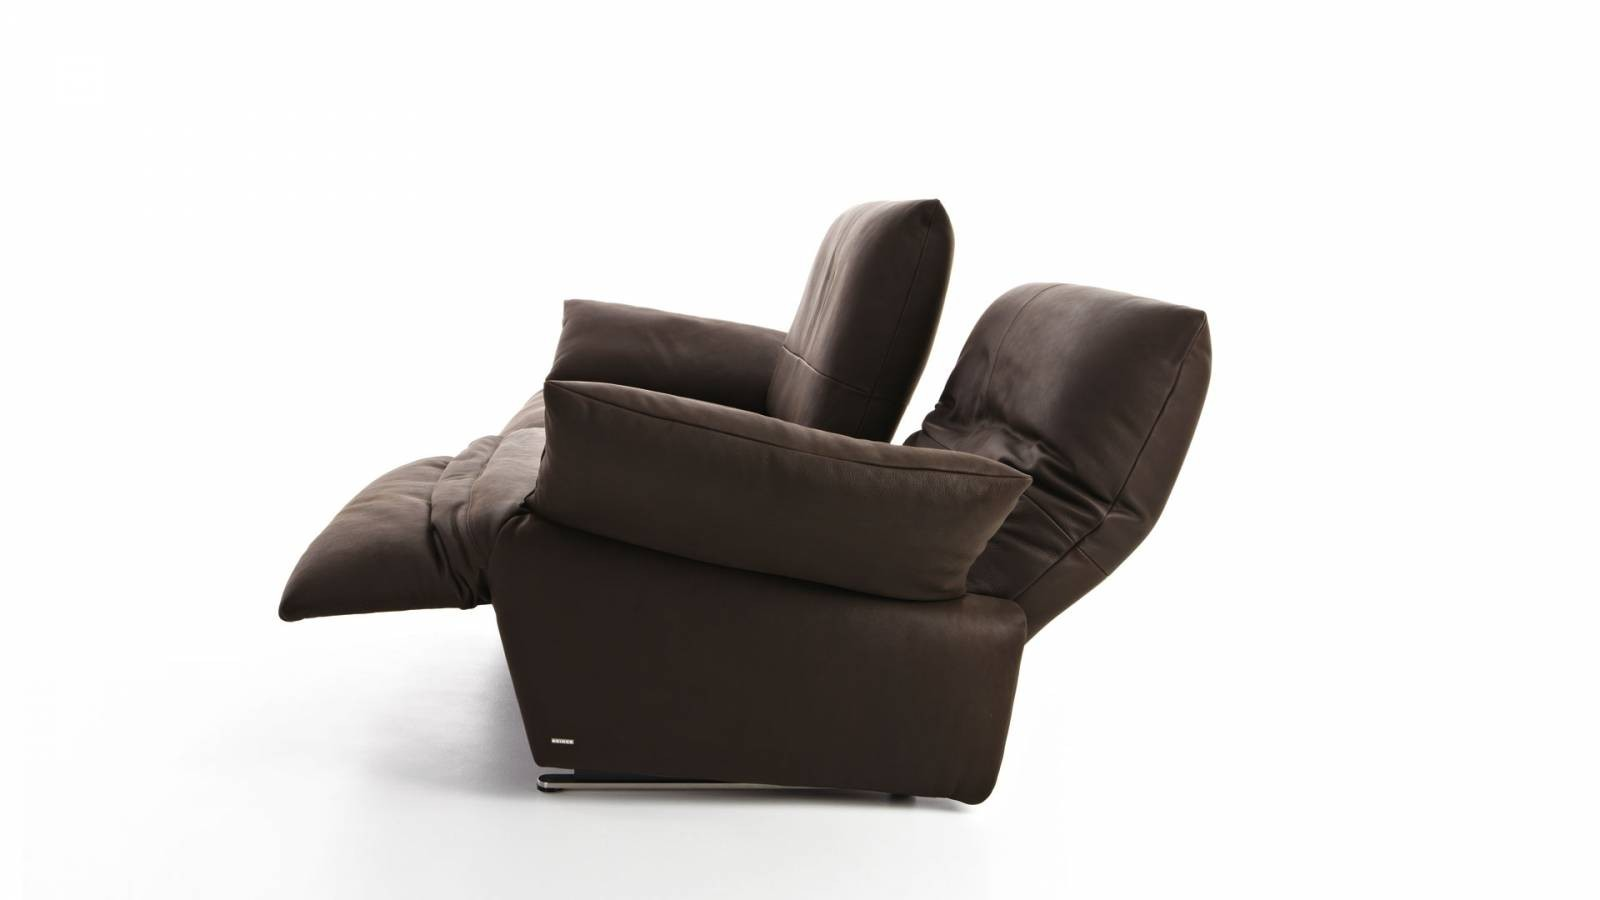 Canapea modernă Koinor Easy